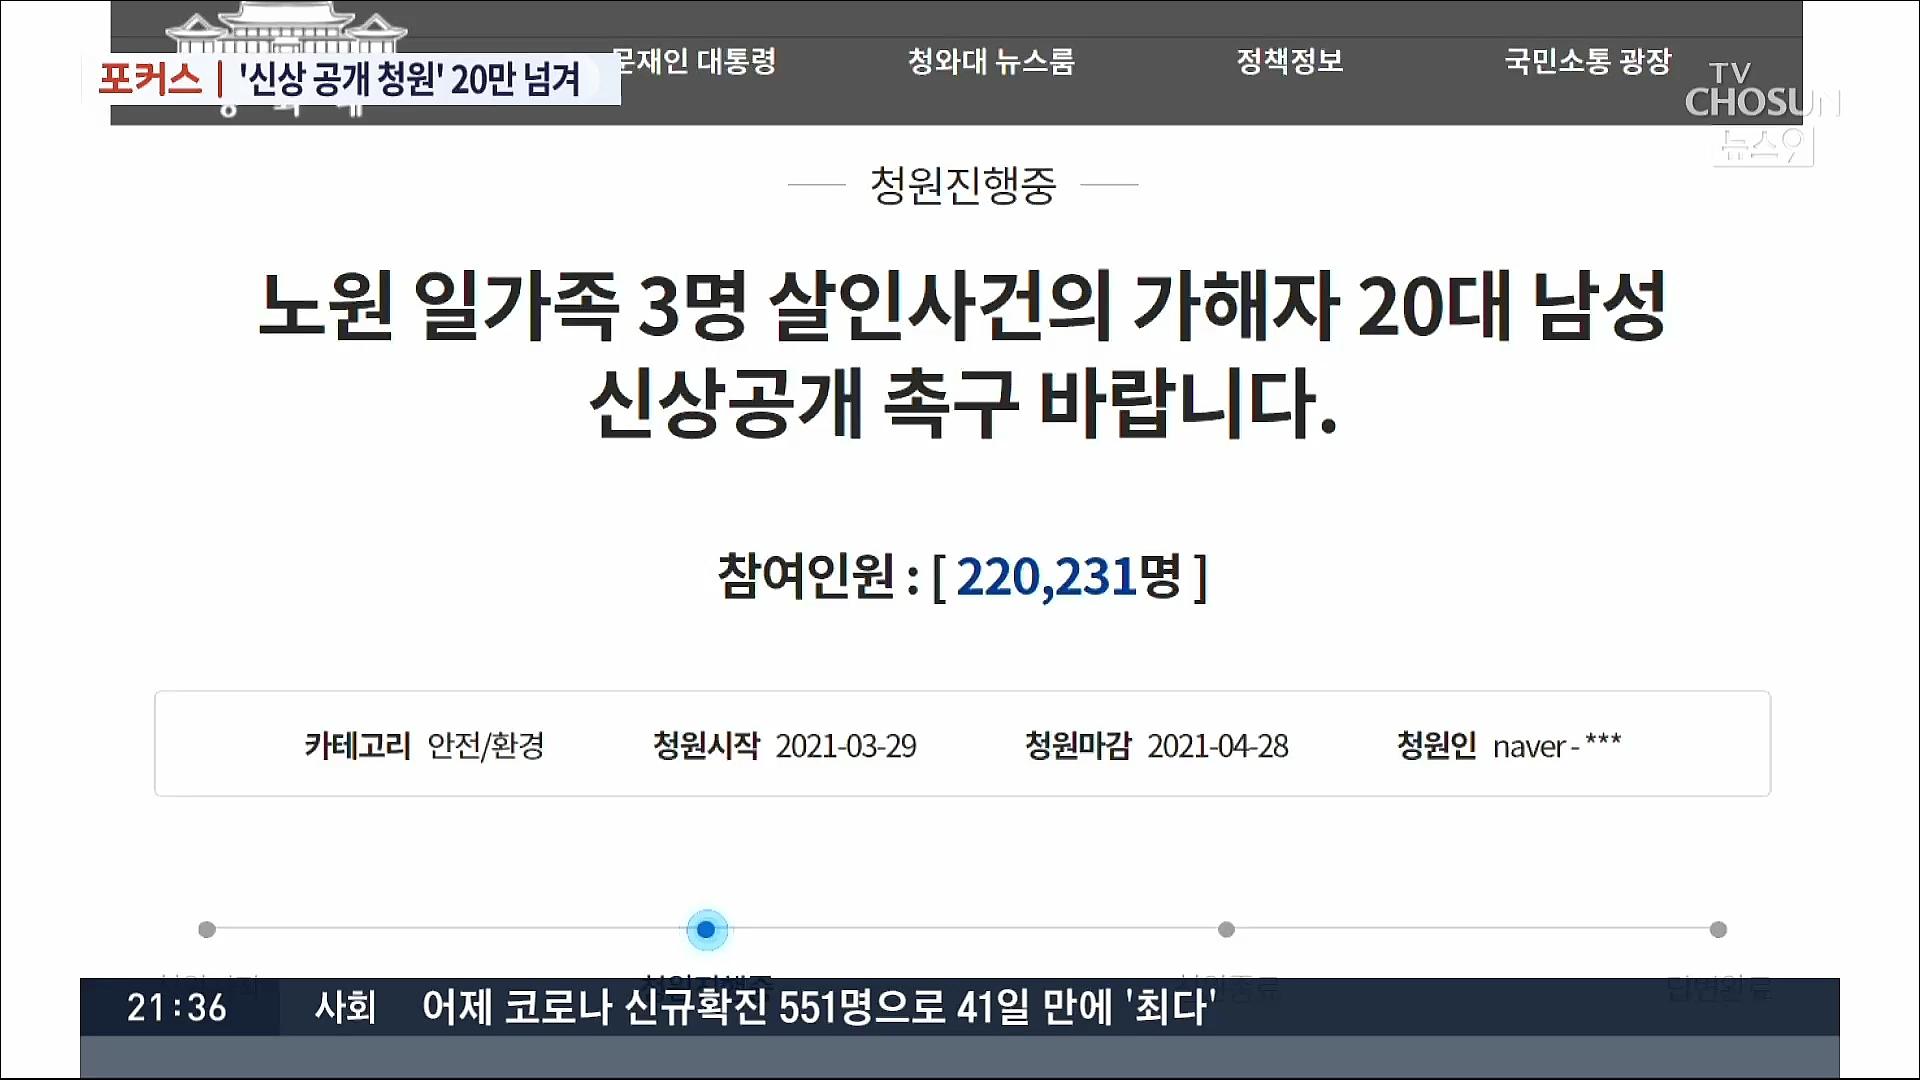 [포커스] '노원 세 모녀 살인범 신상 공개' 청원 20만 넘겨